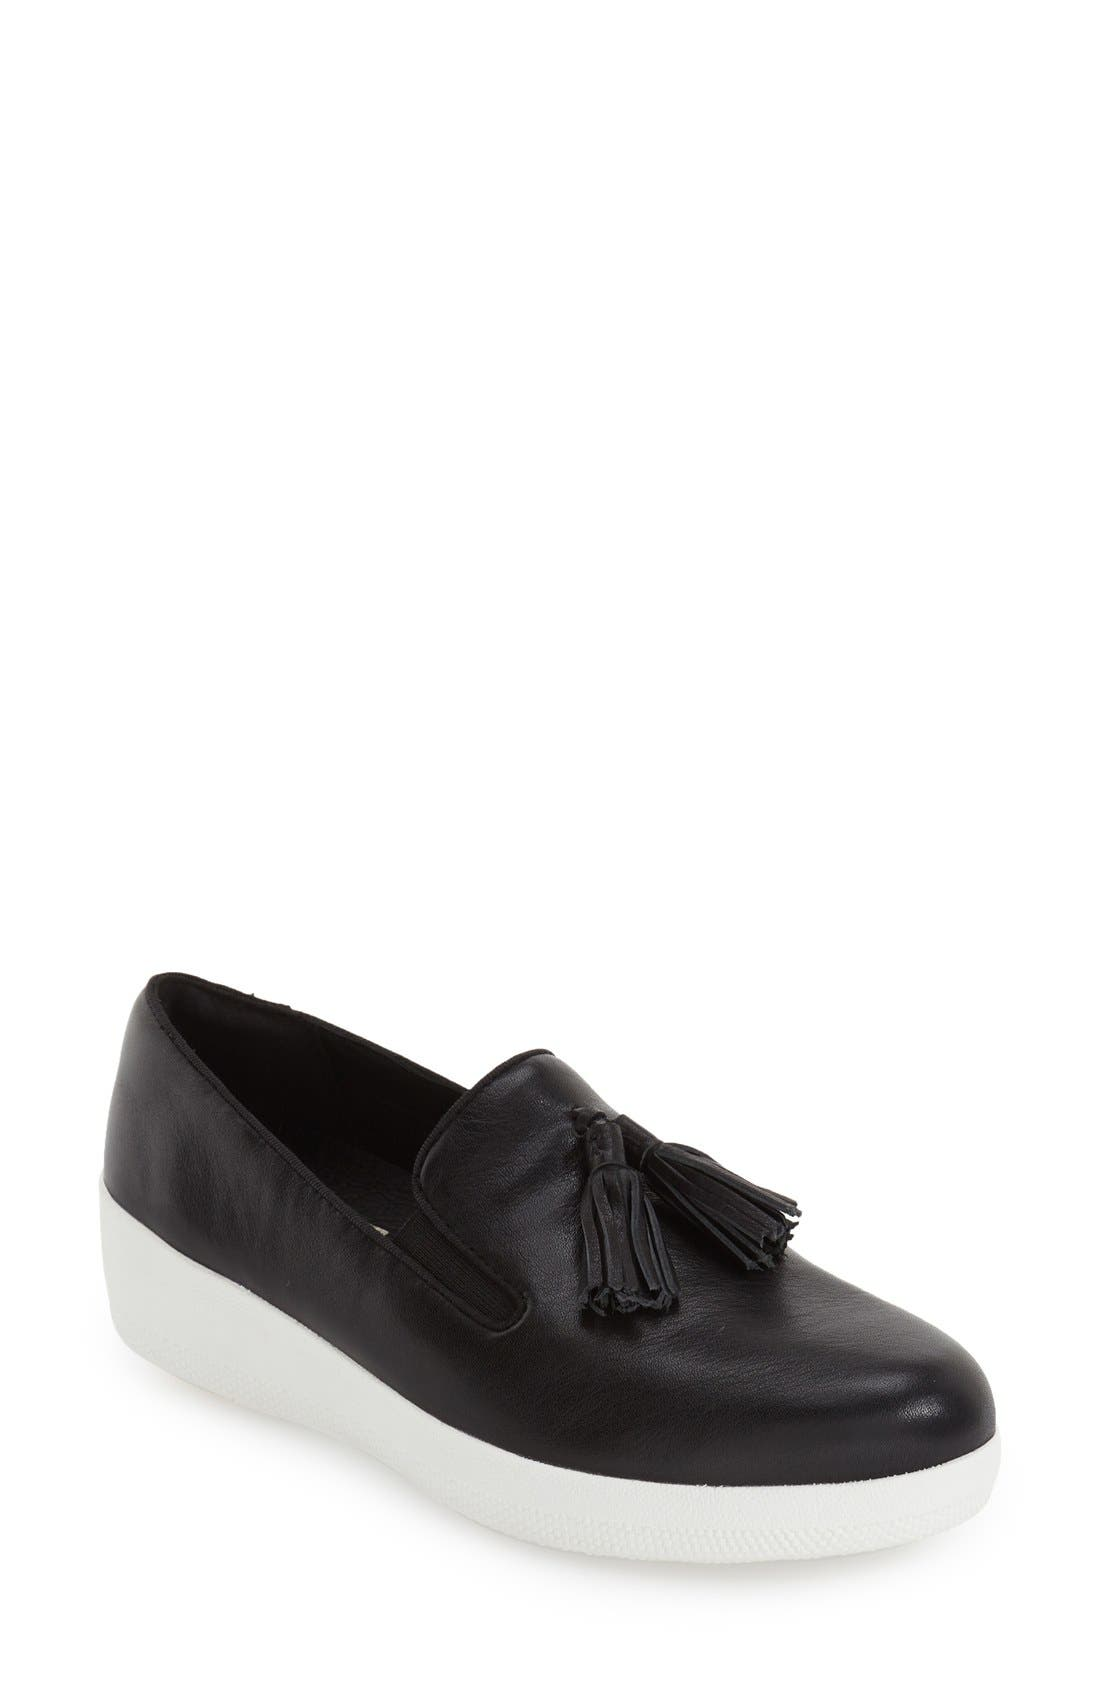 Tassle Superskate Wedge Sneaker,                         Main,                         color,